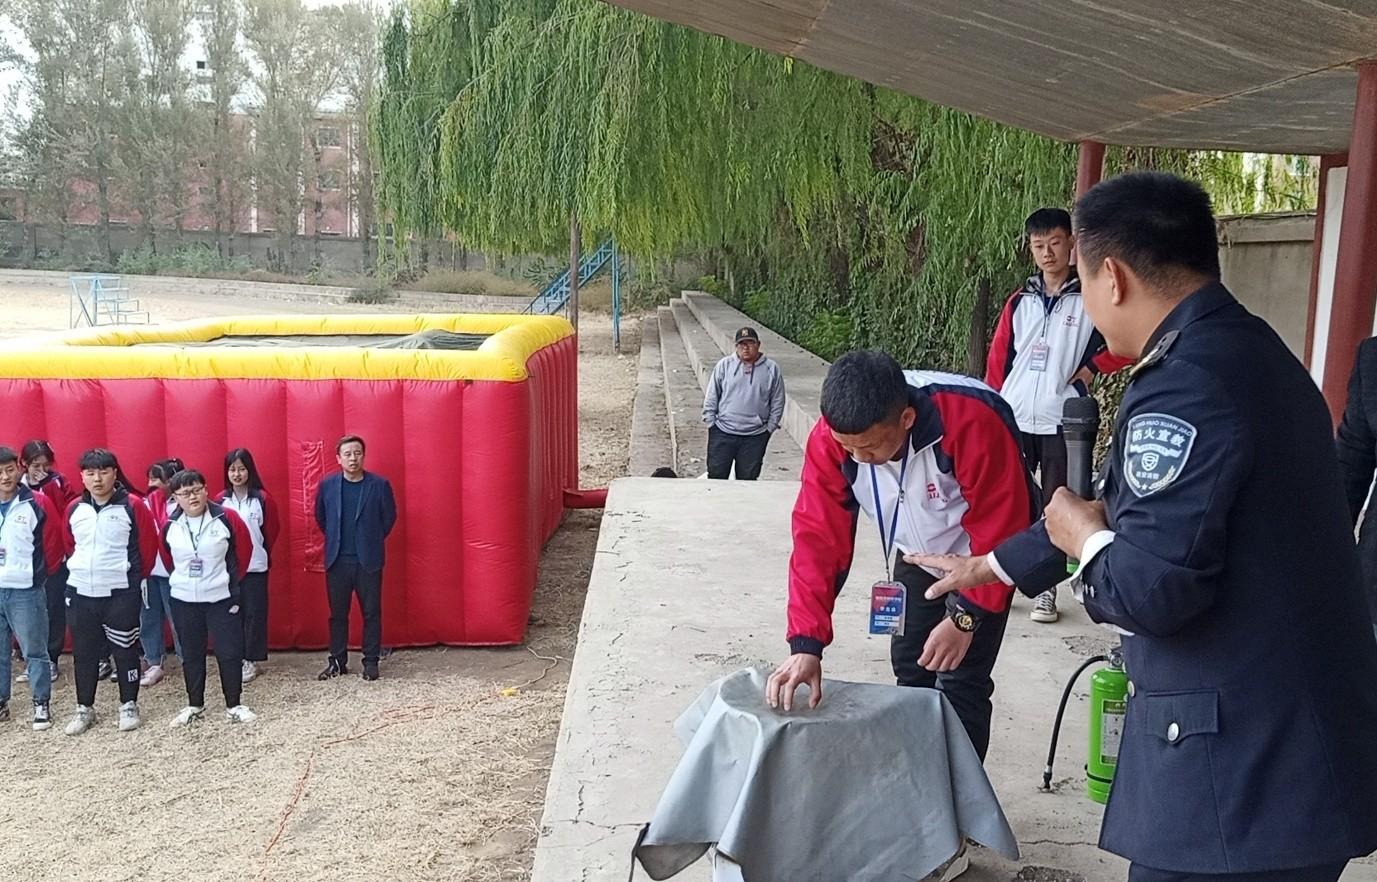 朝阳分中心为朝阳市财经学校举行雷电竞官方网站知识讲座及应急疏散演练